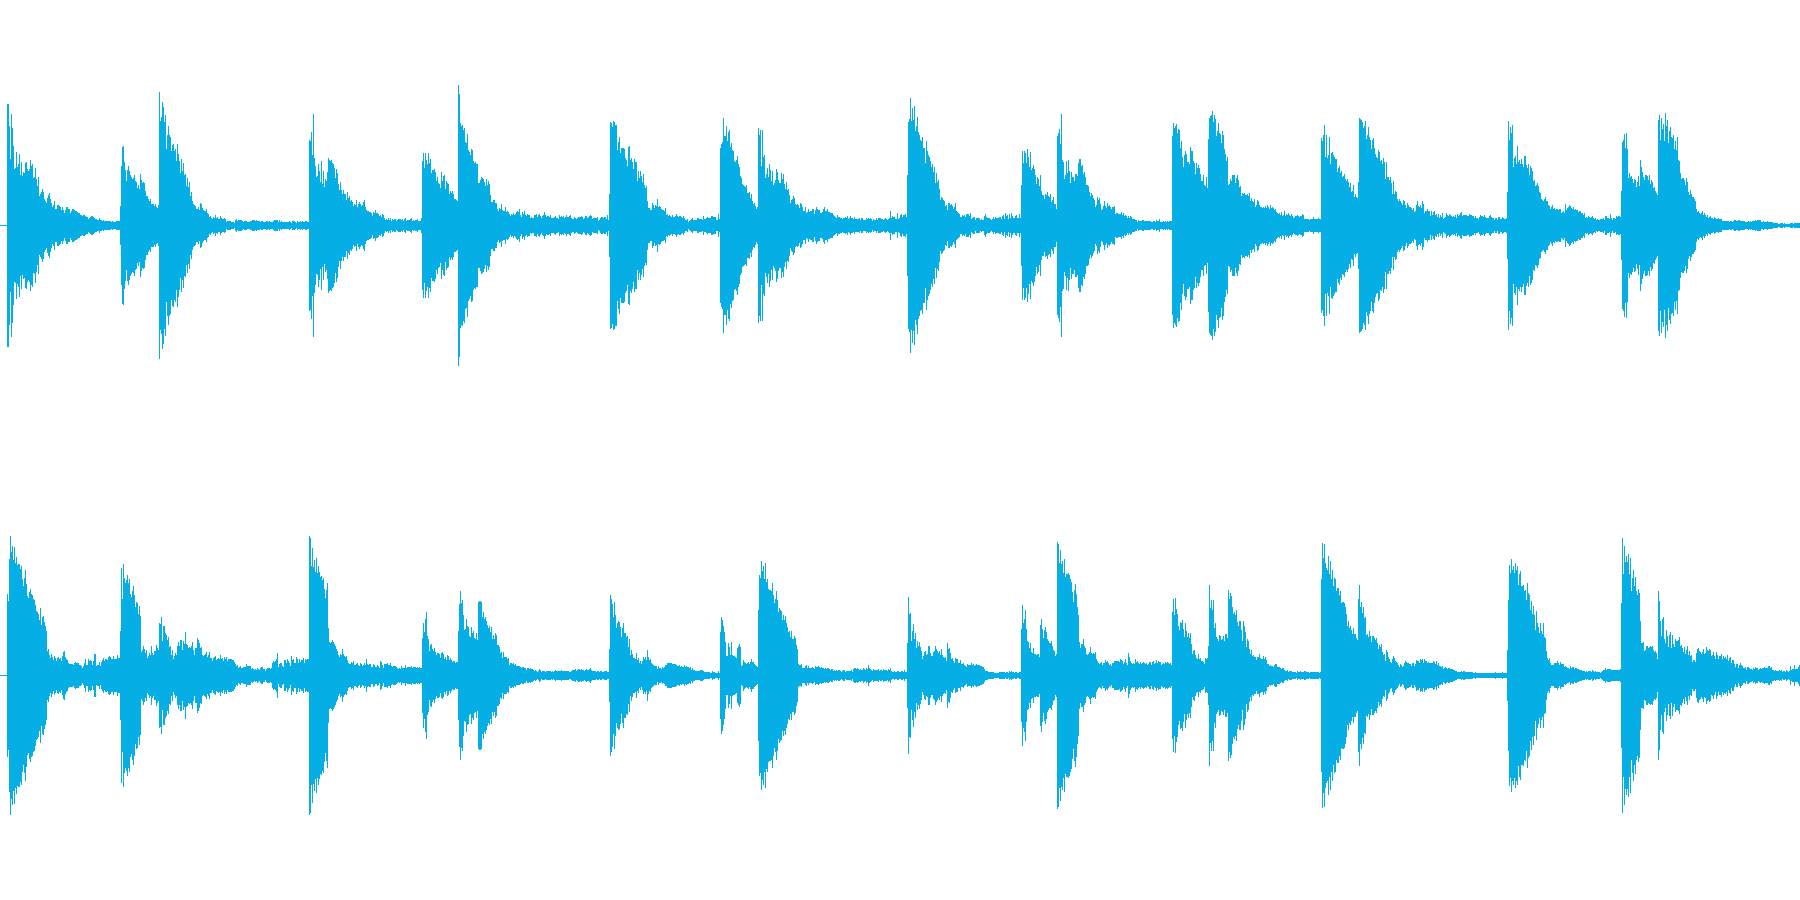 恐怖や緊張感を煽るBGMの再生済みの波形